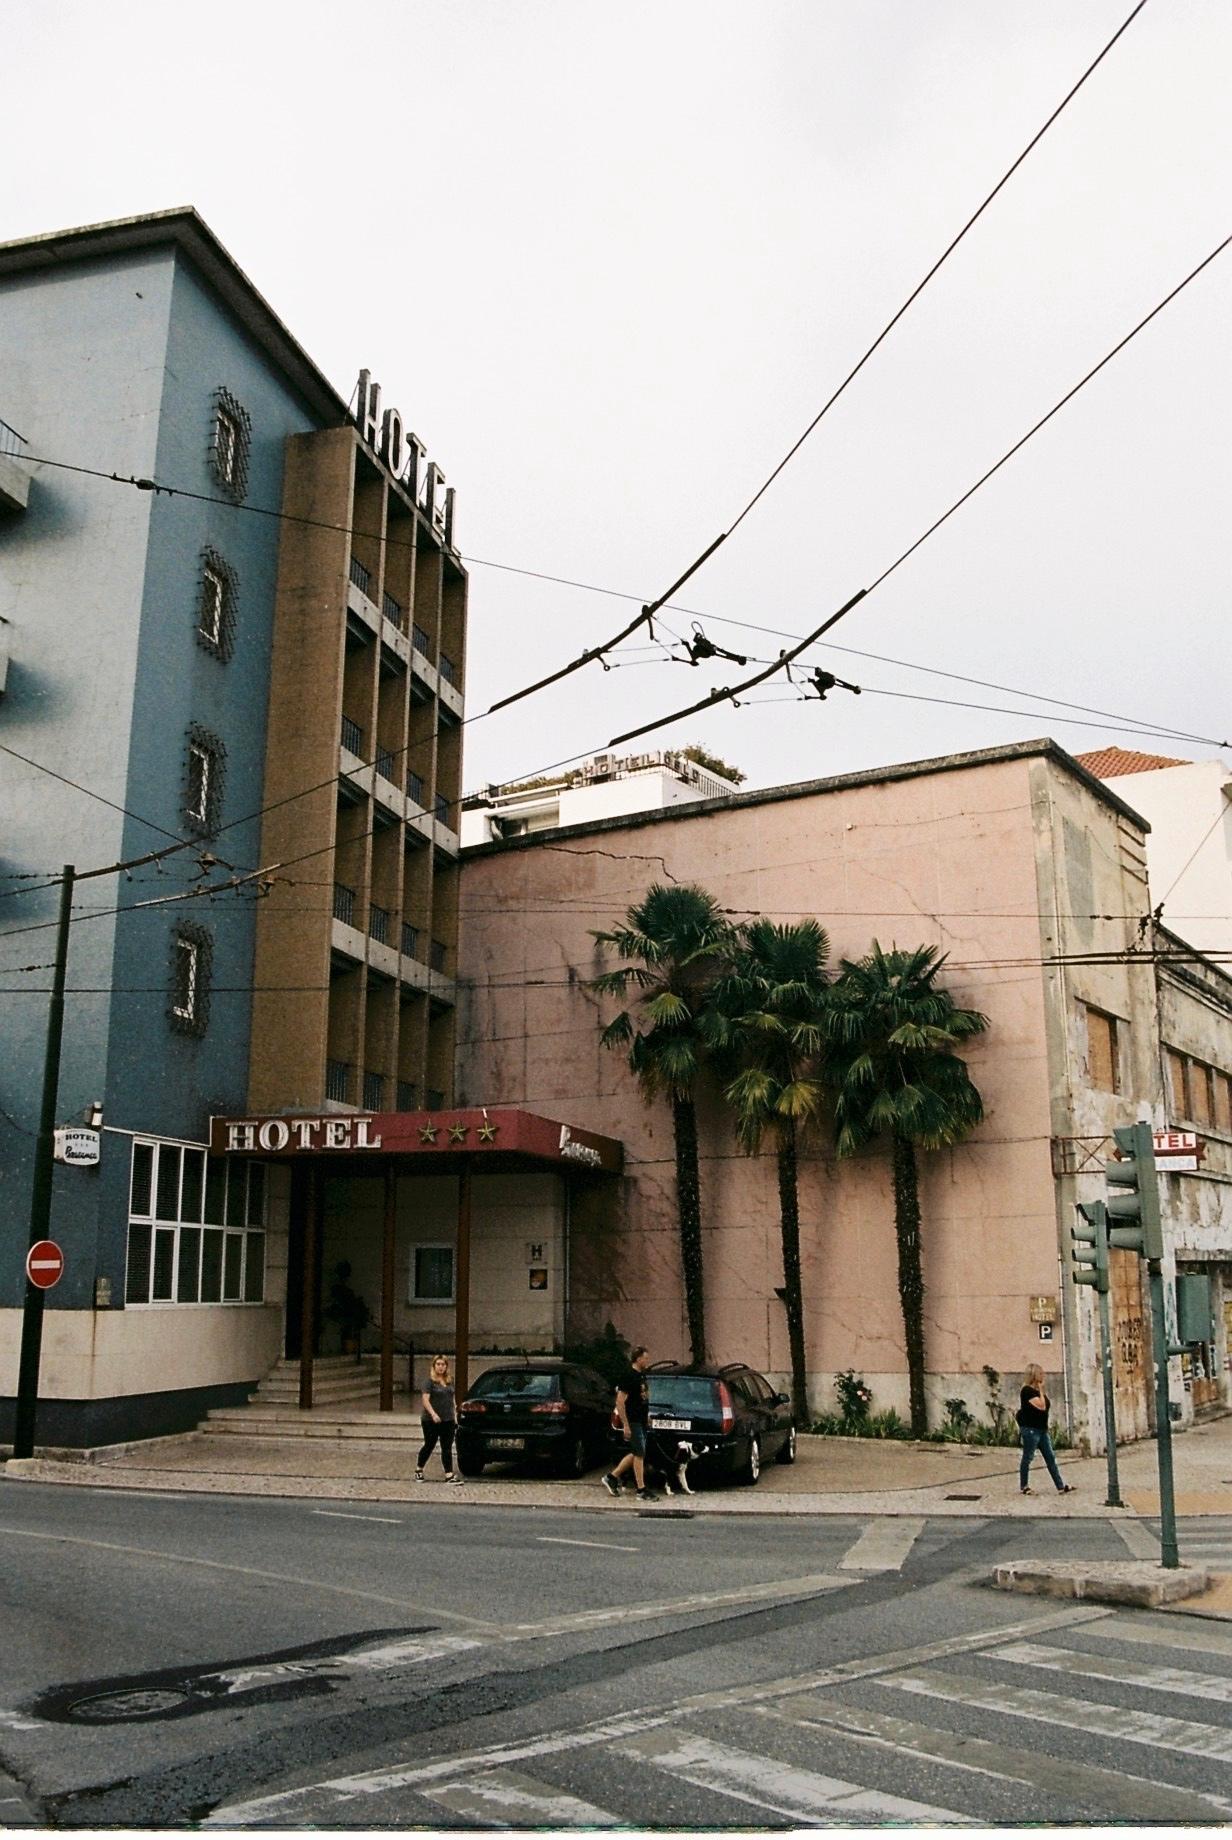 Coimbra 08-2019 - 29 of 62